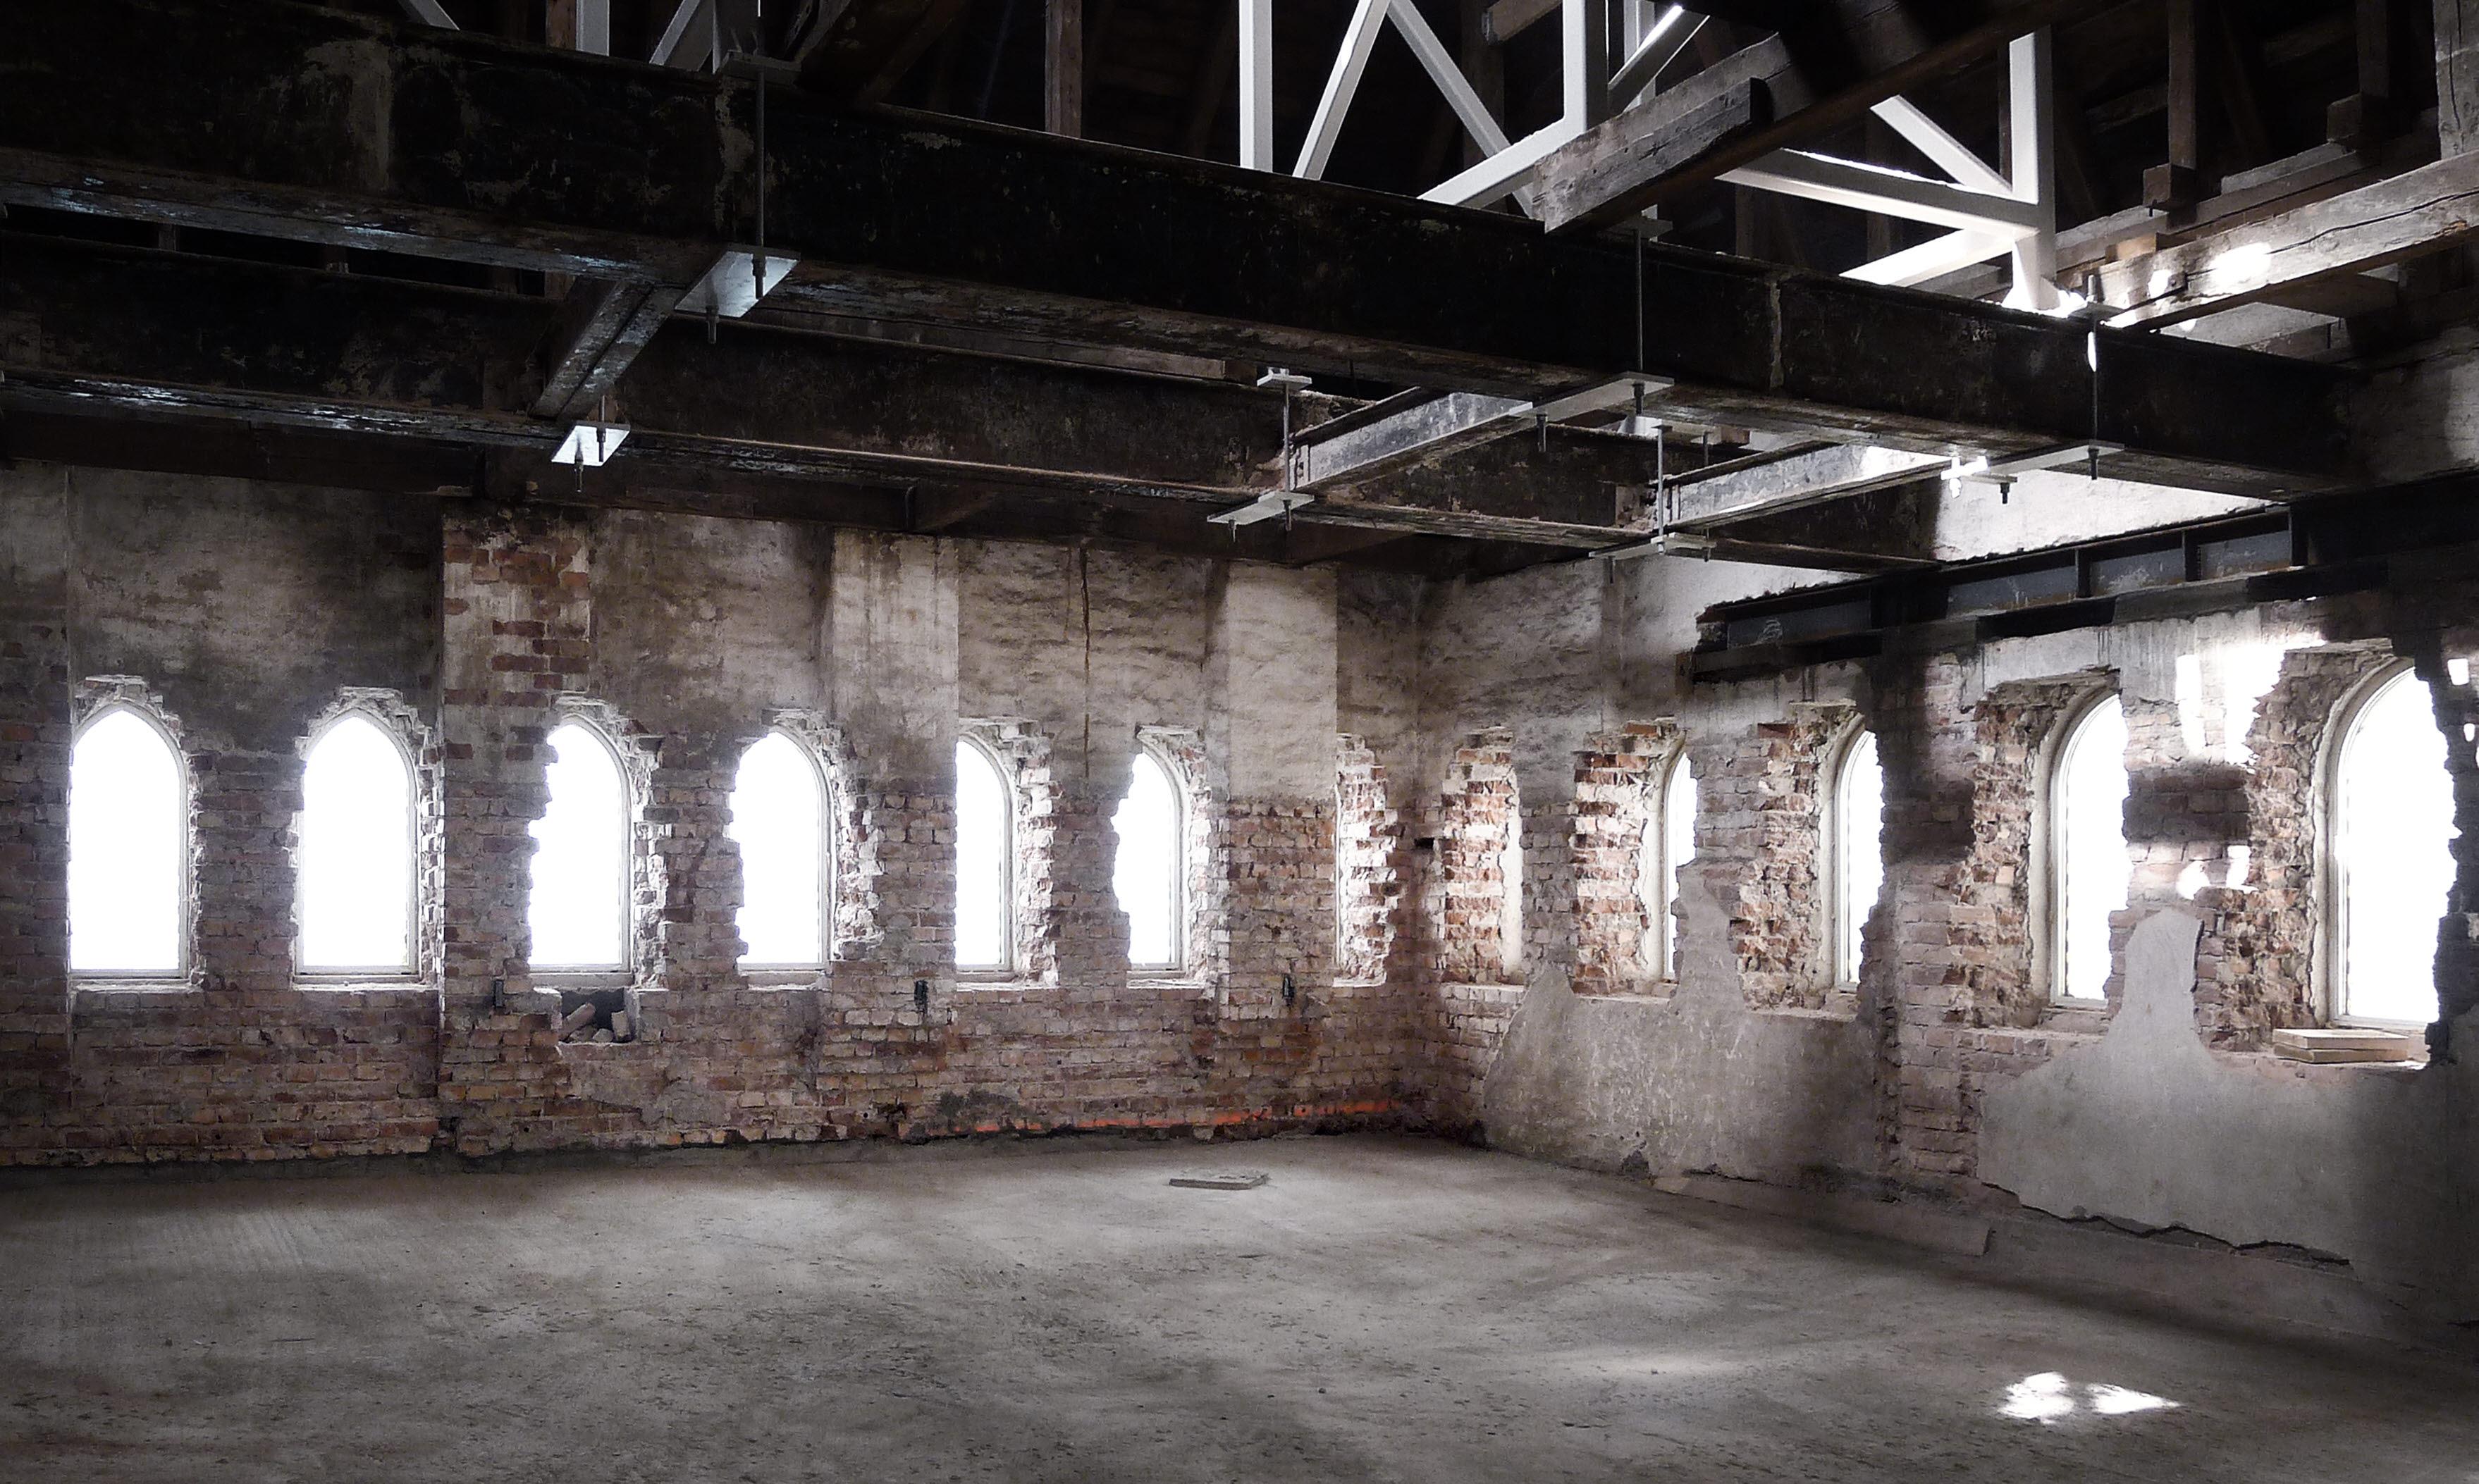 〔안정원의 디자인 칼럼〕과거의 맥주공장에서 화려하게 변신한 리모델링, 옥타파마 양조장 2